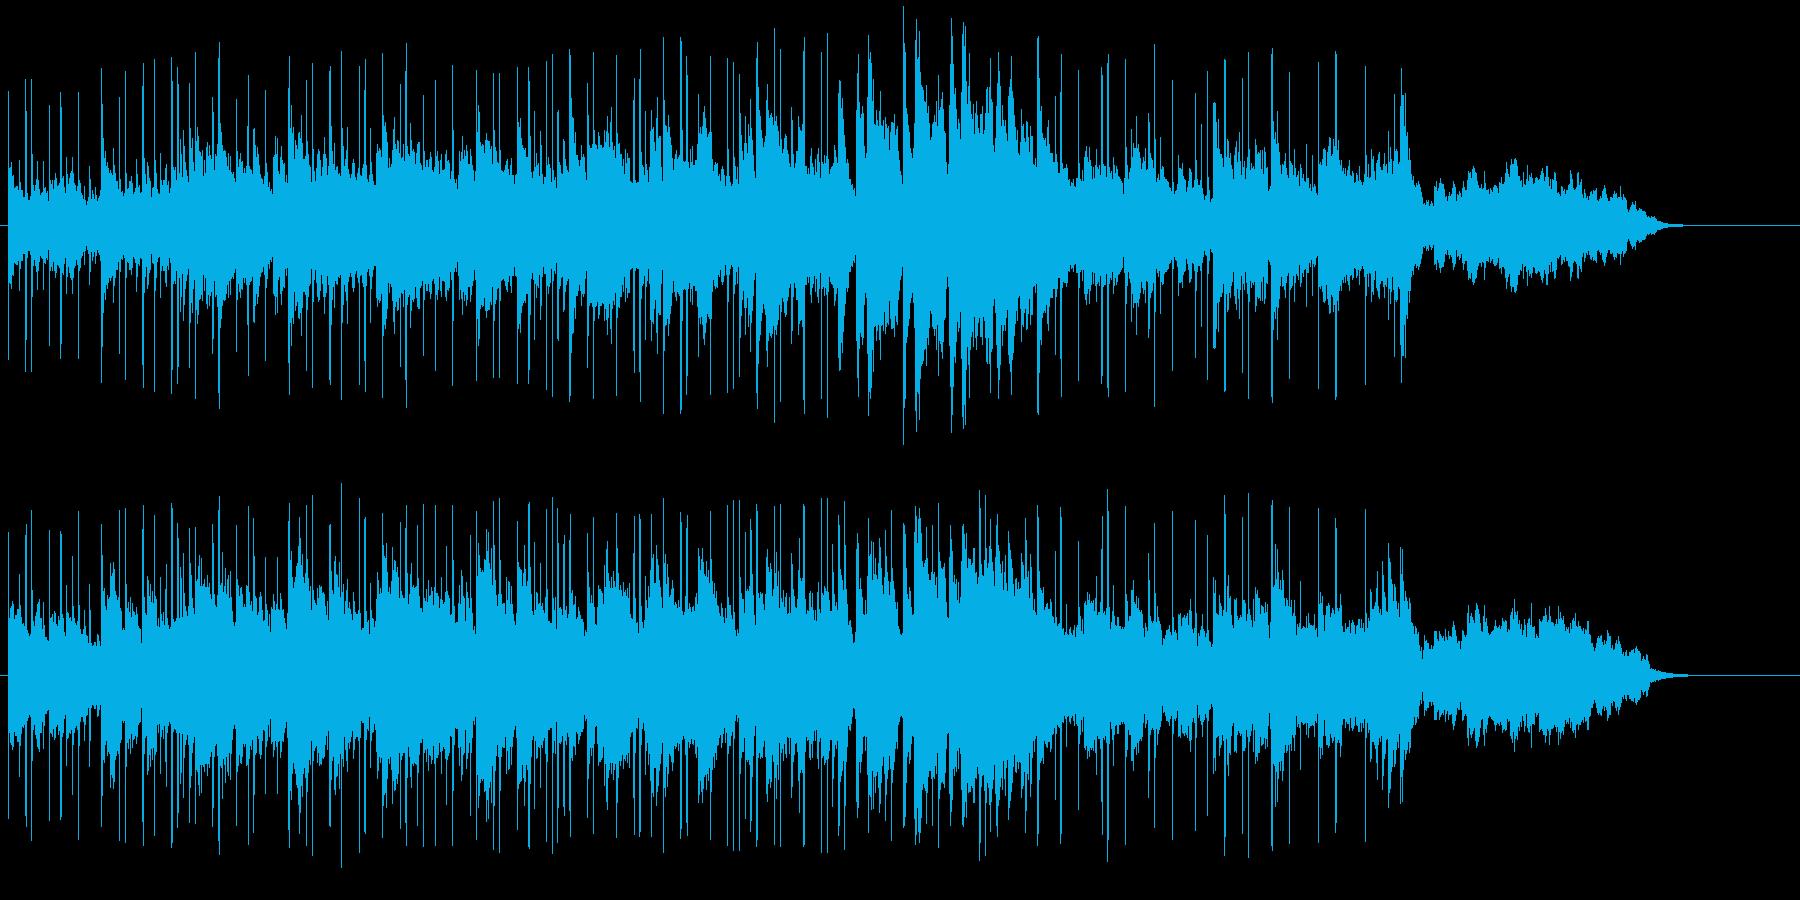 ハーバーが似合うロマンチックな音楽の再生済みの波形